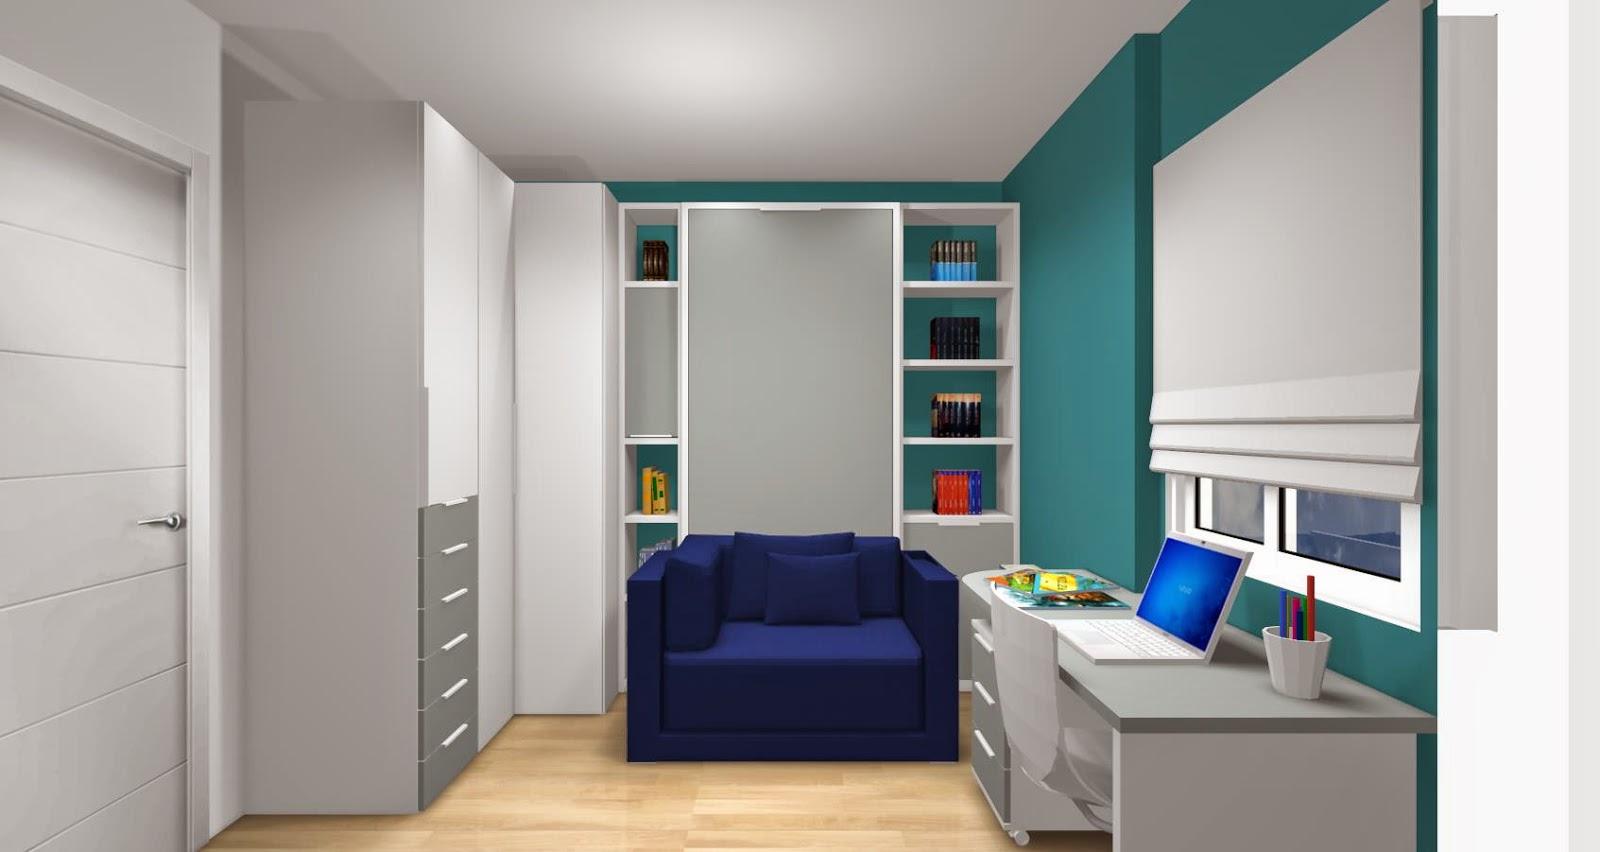 Dise o de cuartos o dormitorios juveniles - Sofa para dormitorio ...